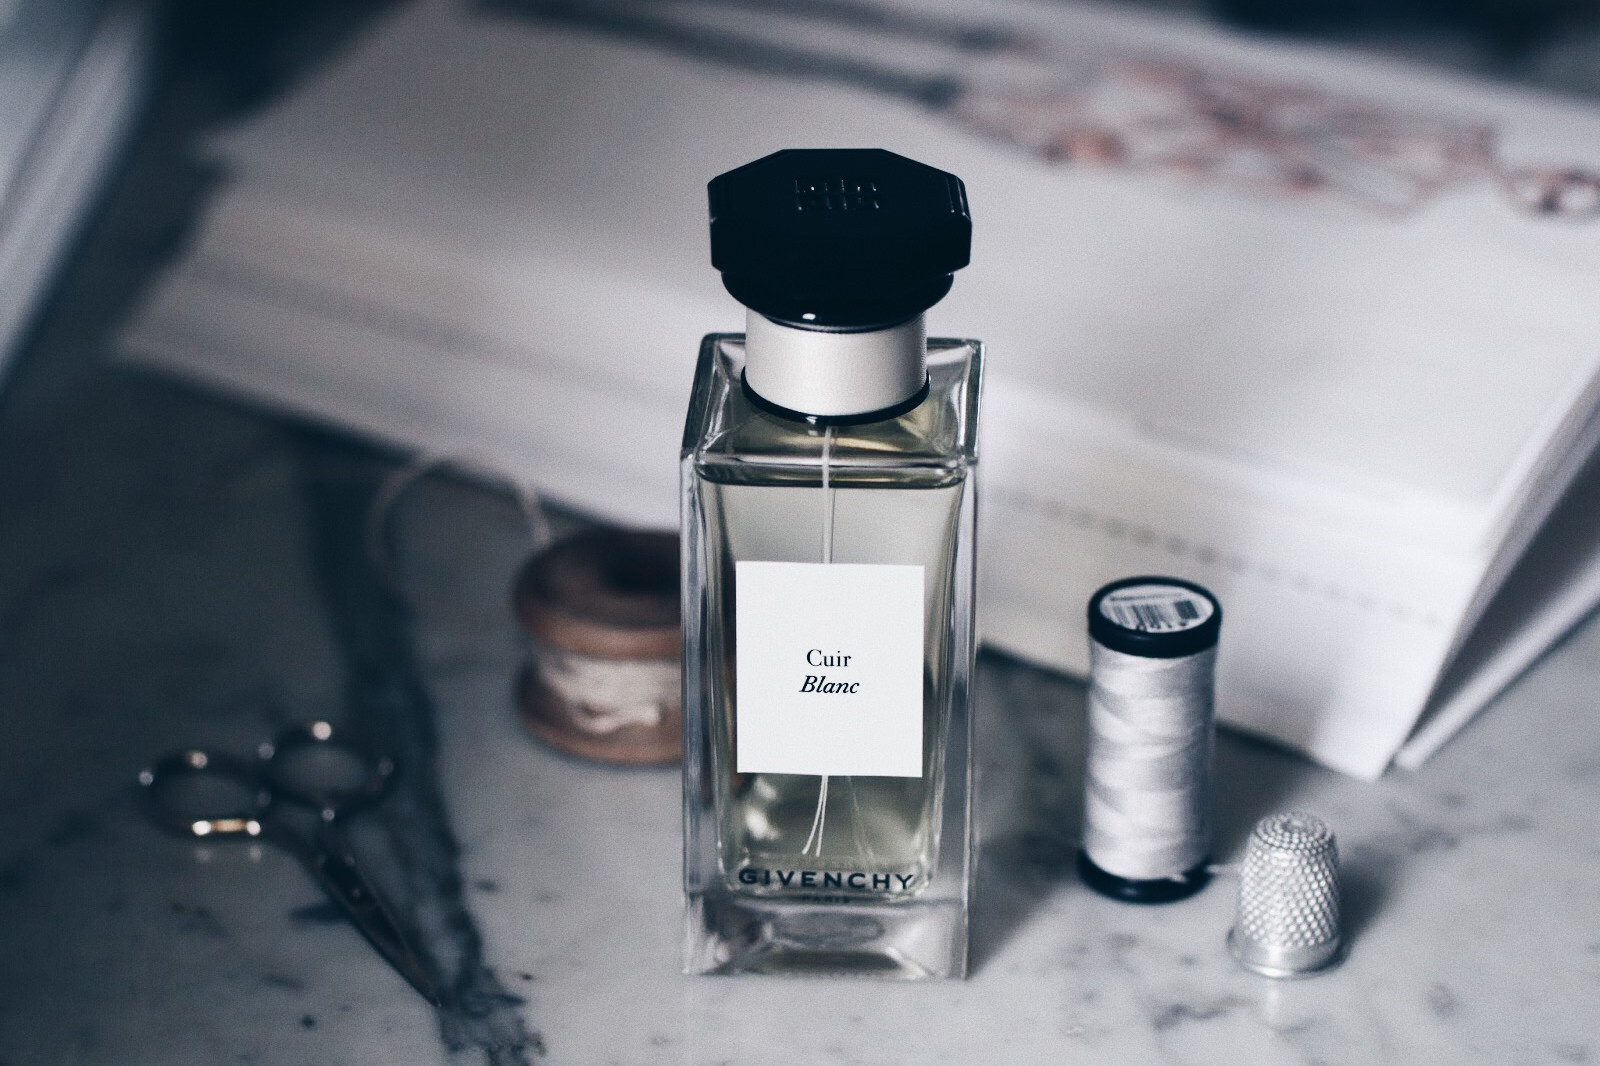 givenchy l'atelier cuir blanc avis test critique